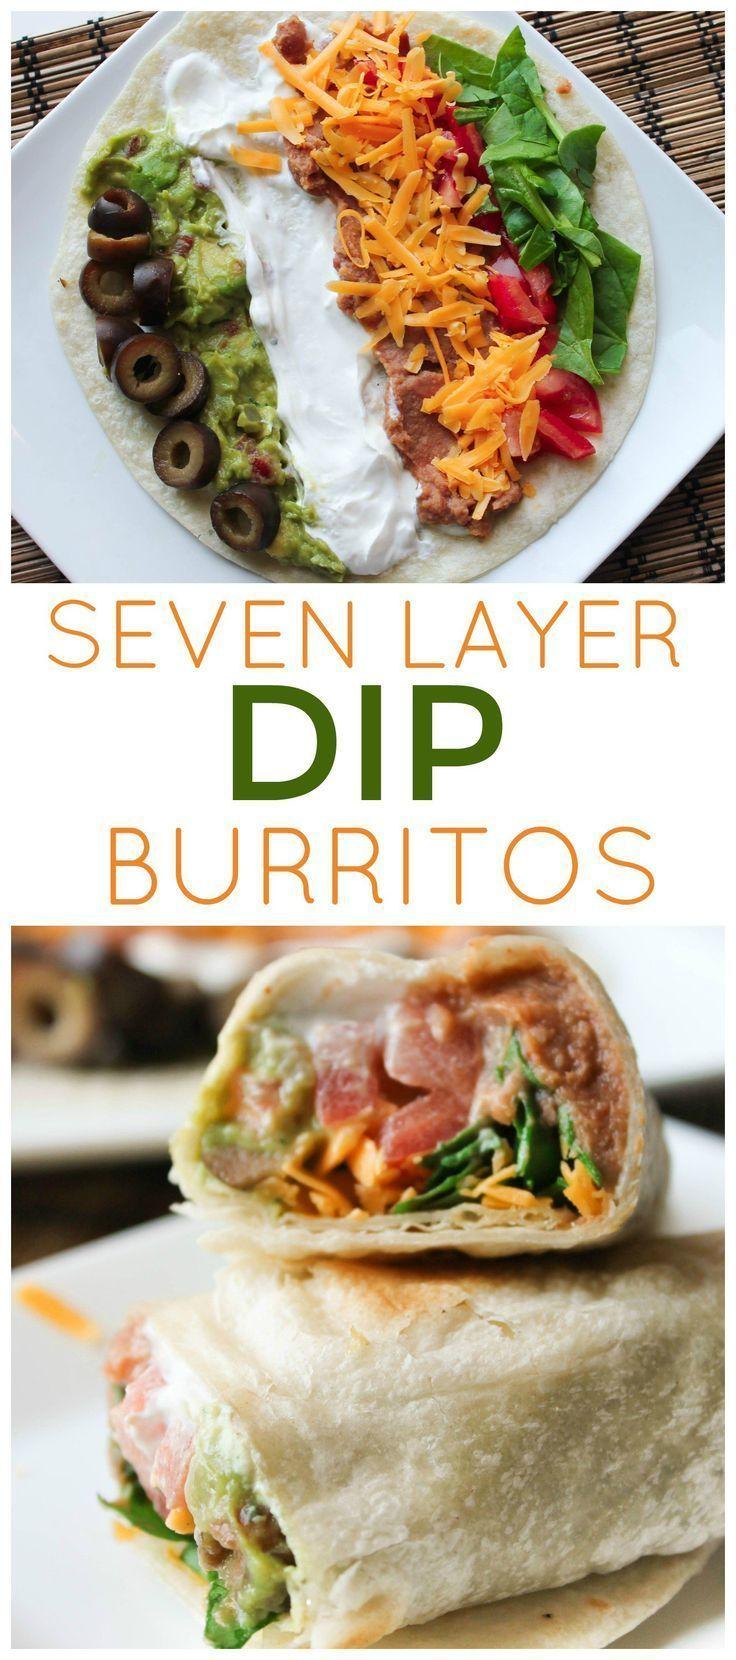 7 Layer Burritos